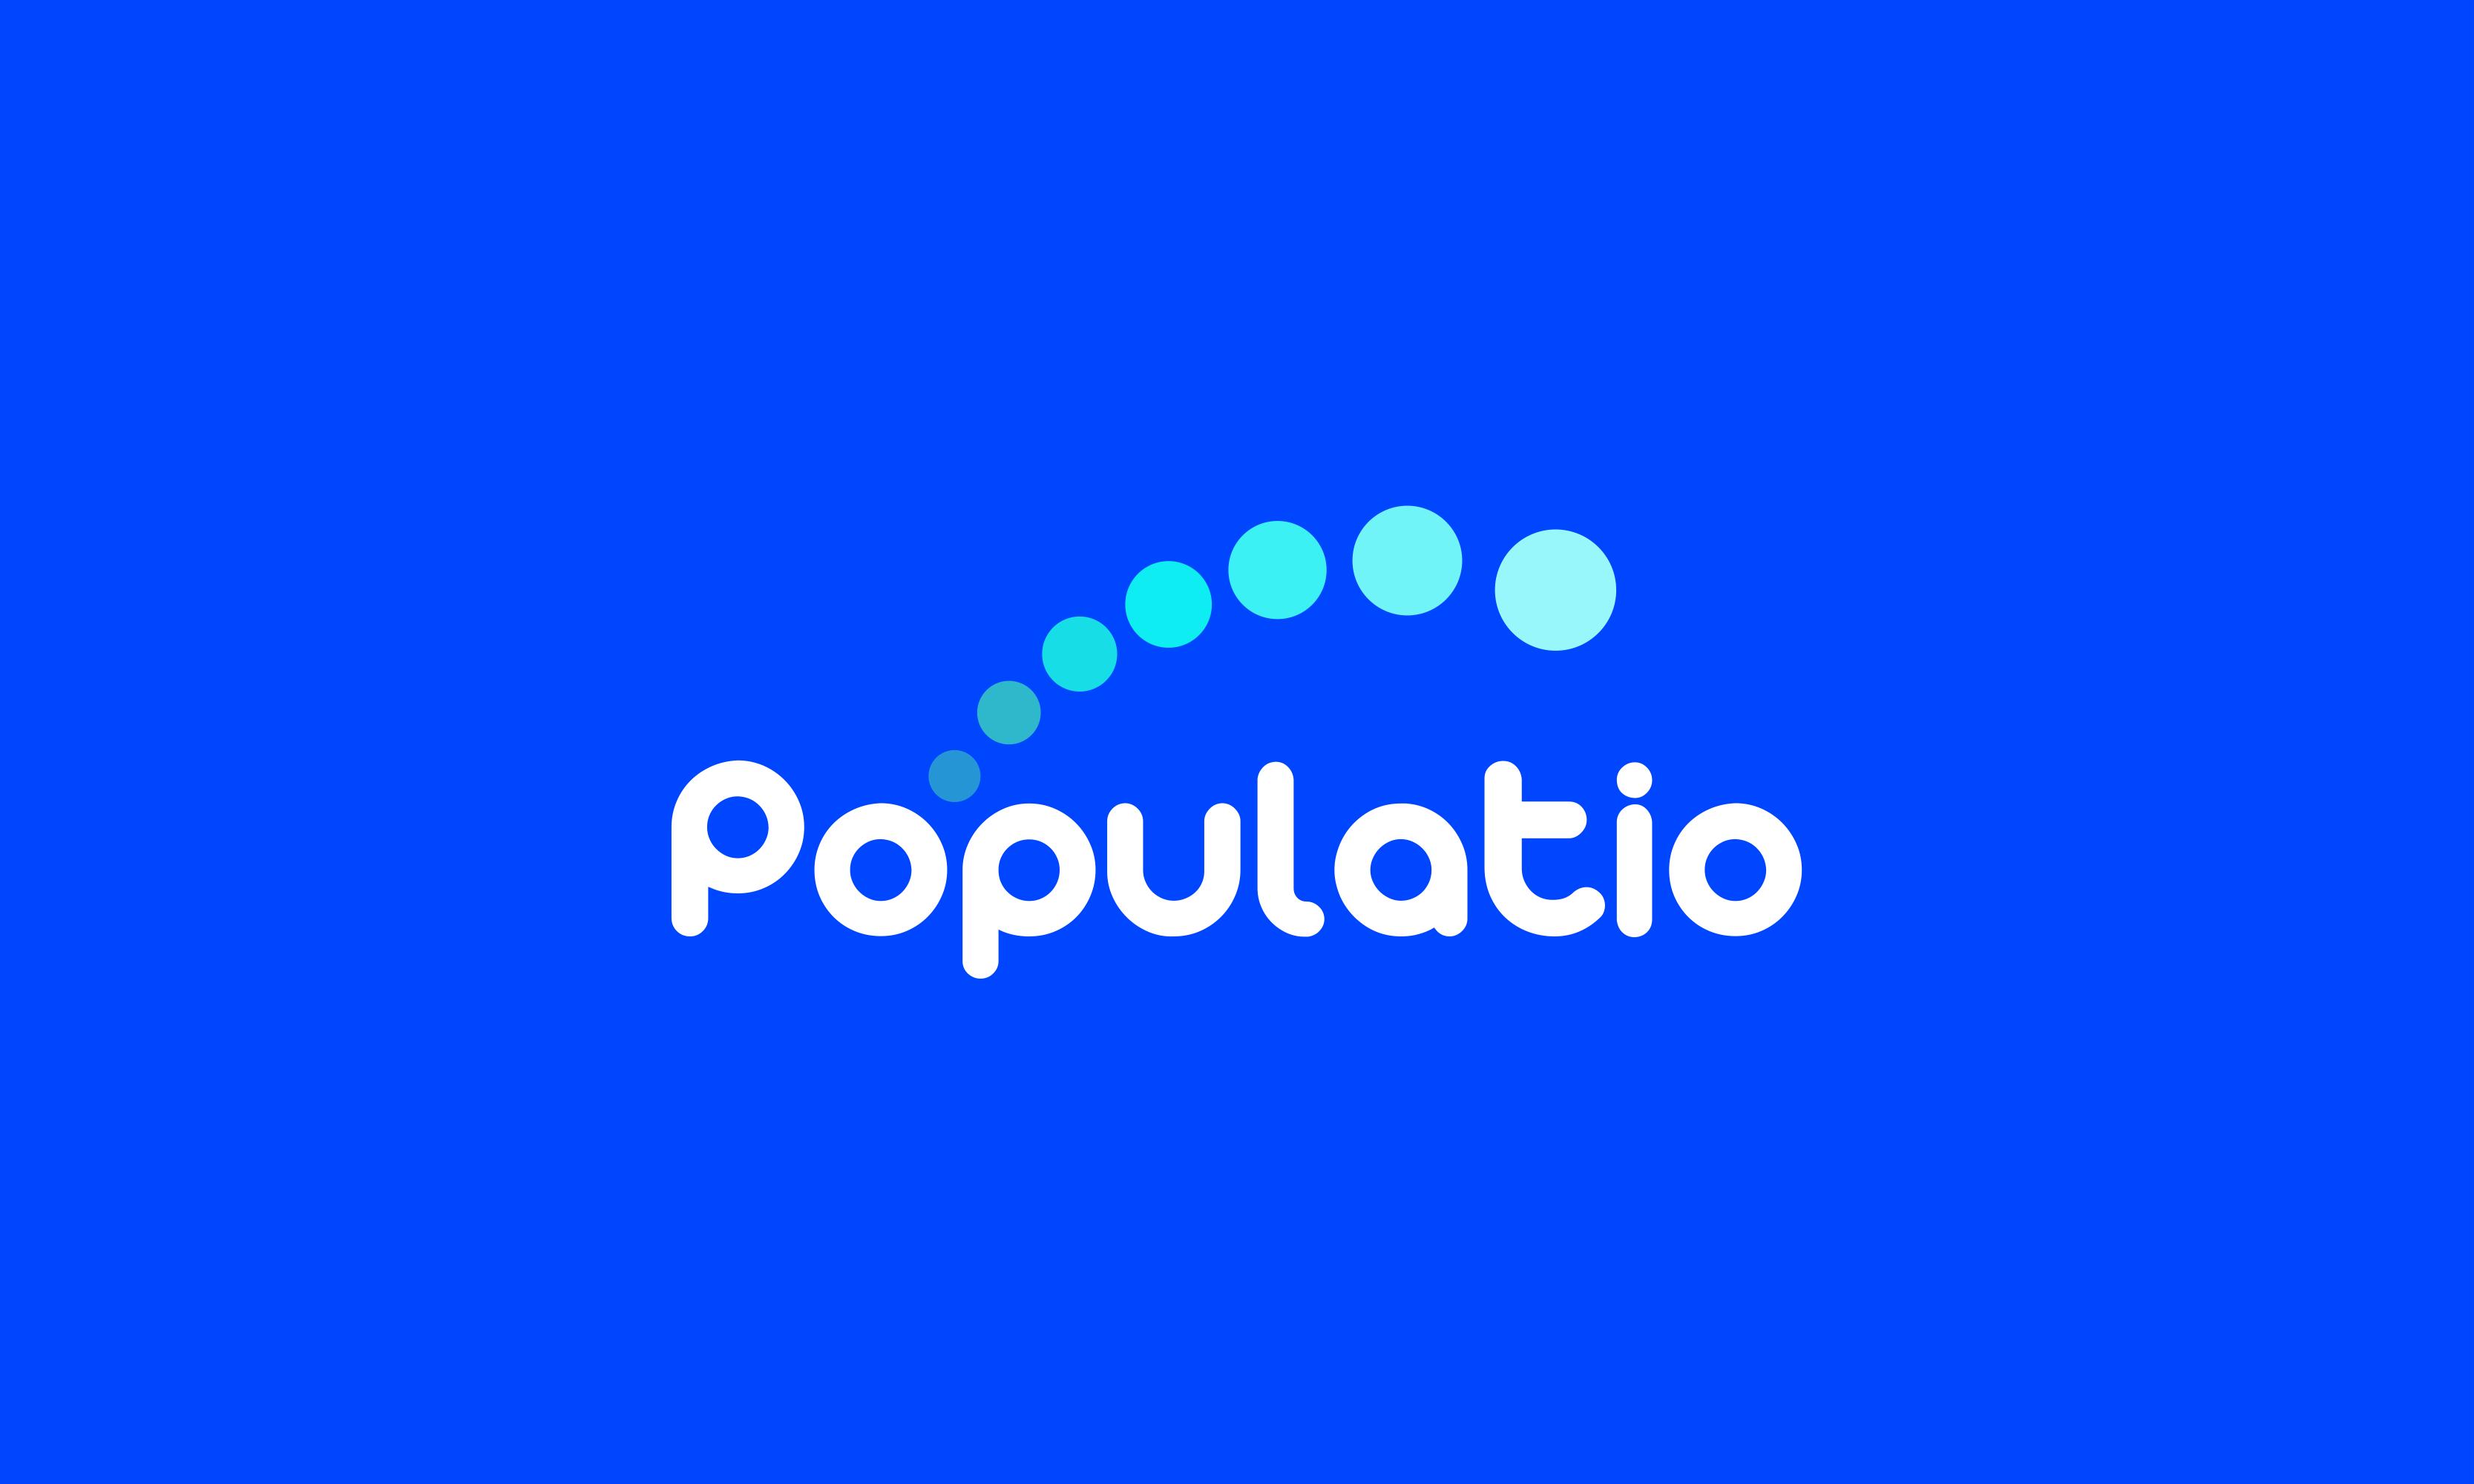 Populatio